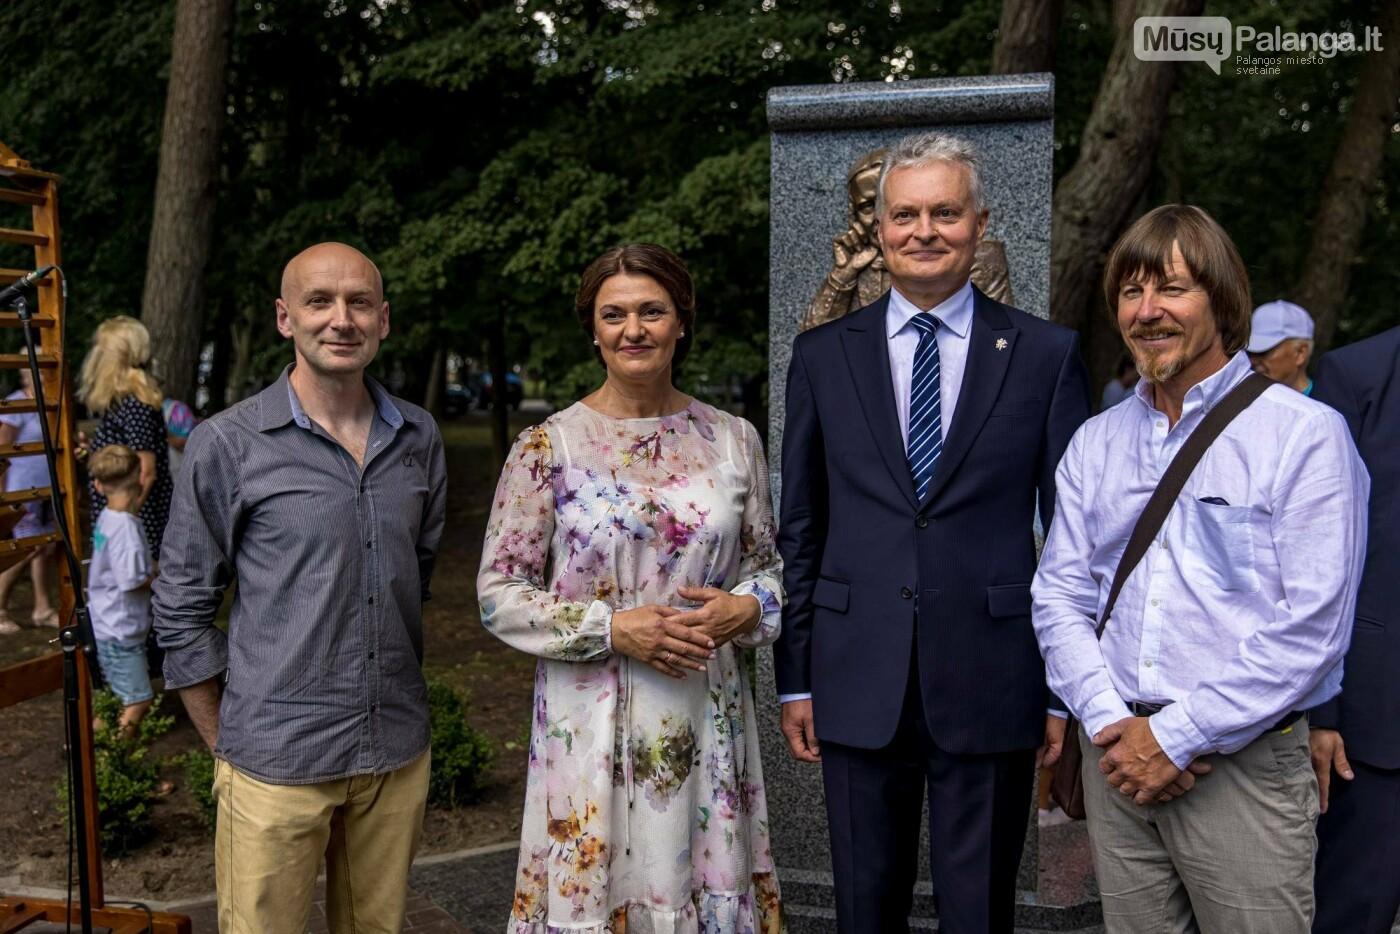 Skulptūros, skirtos Dž. J. Simpsonui ir Derybinei grupei dėl Palangos grąžinimo Lietuvai įamžinti, atidarymas, nuotrauka-7